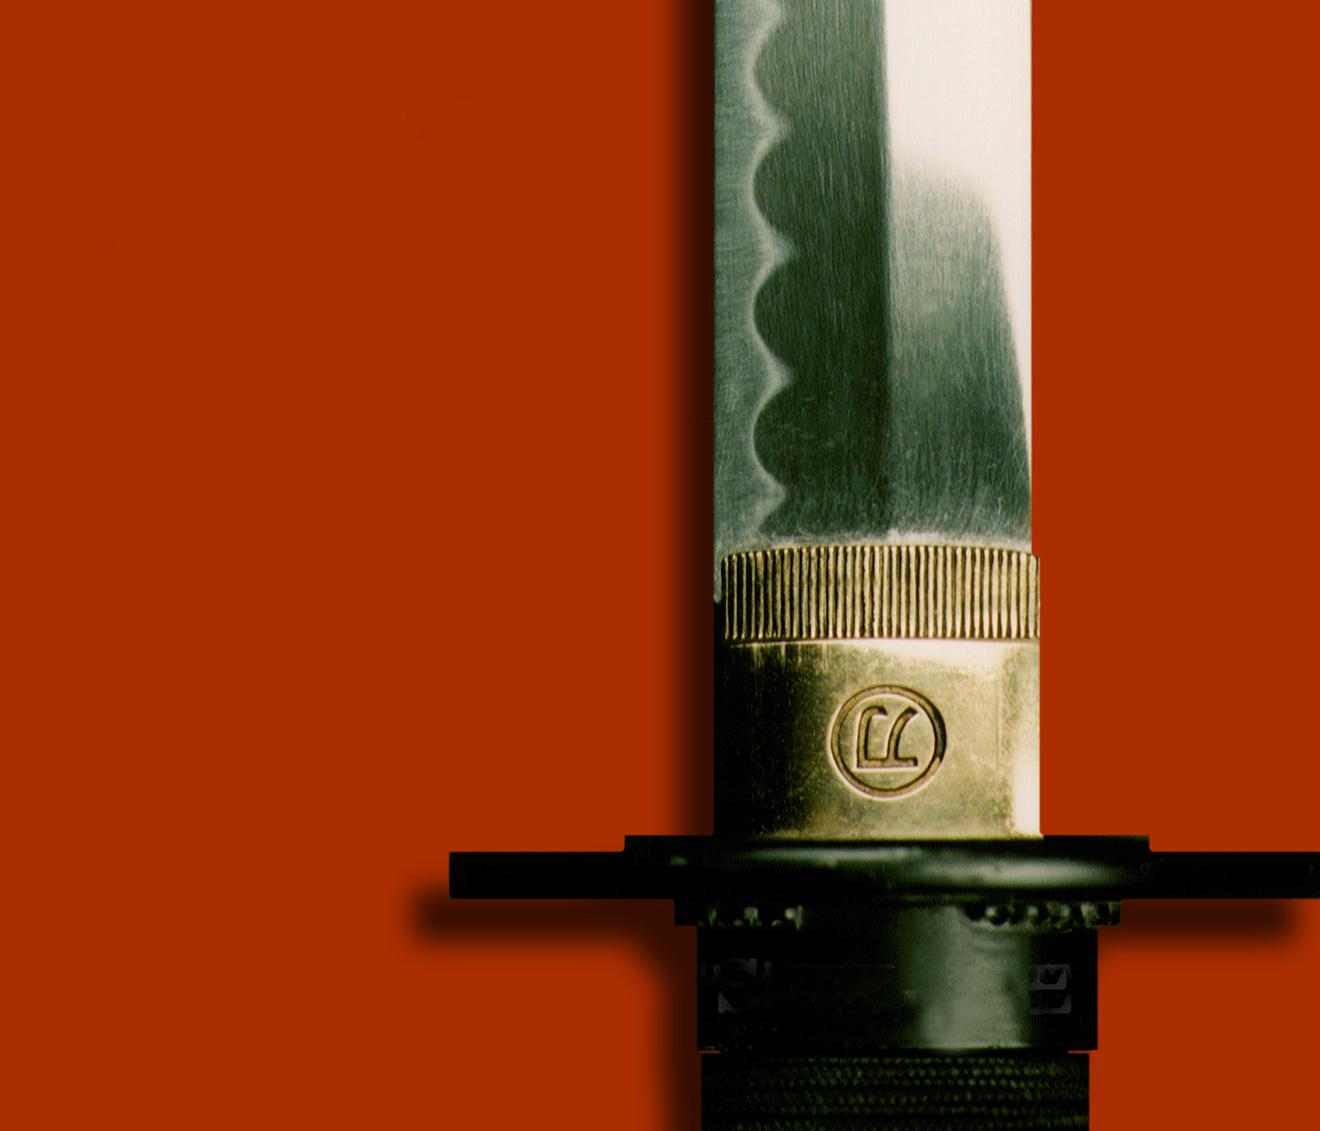 福島正則にまつわる5つの逸話!多くの名言を残した戦国大名に迫る